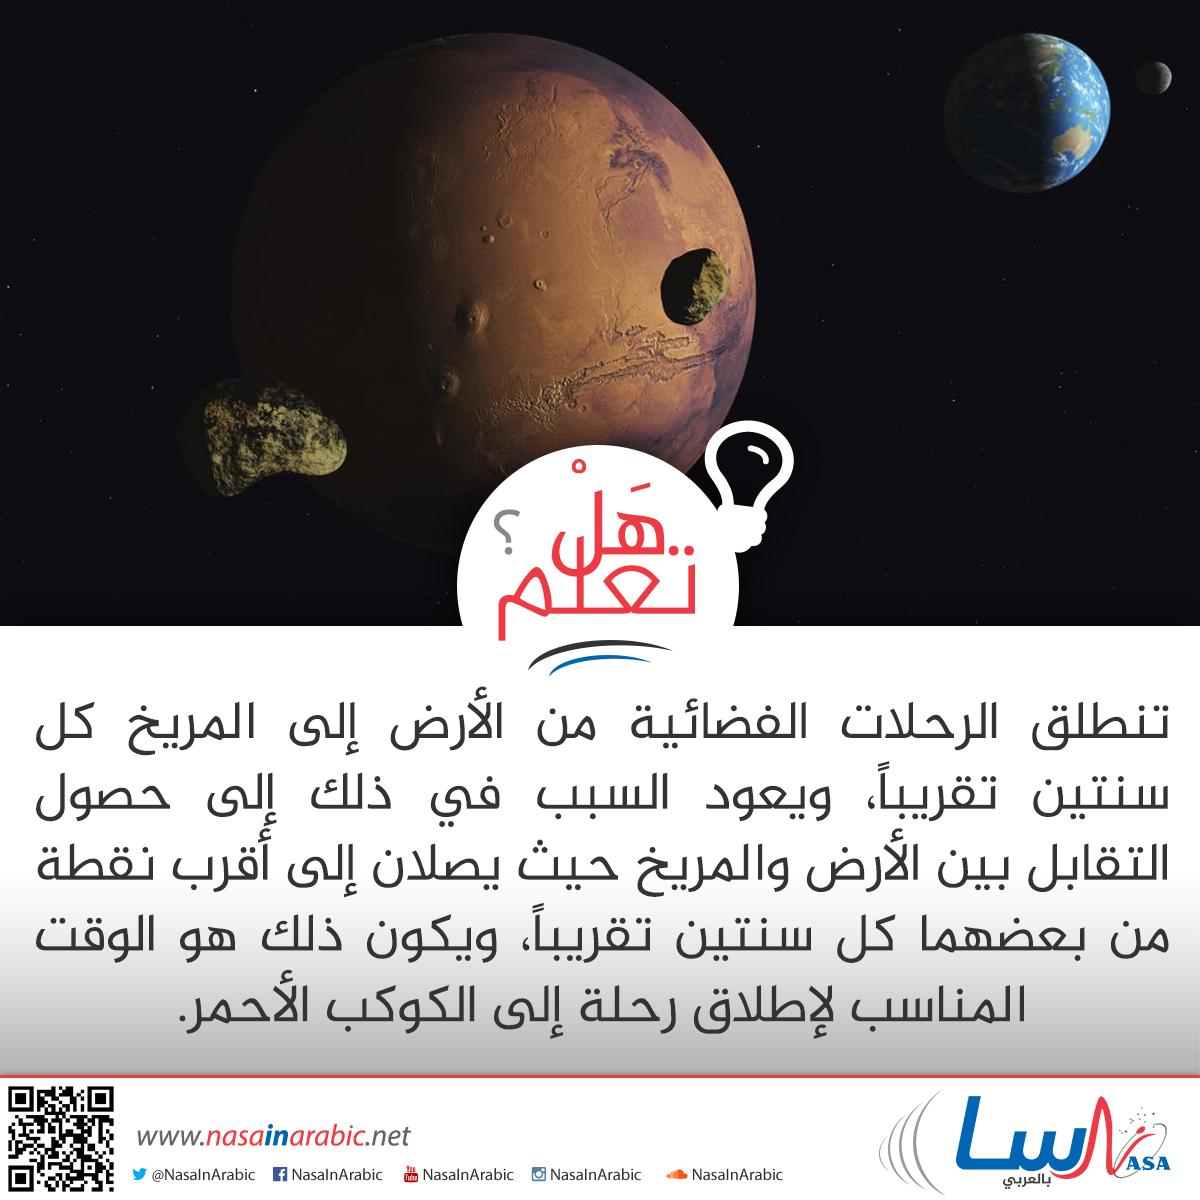 البعثات الفضائية تنطلق إلى المريخ كل سنتين